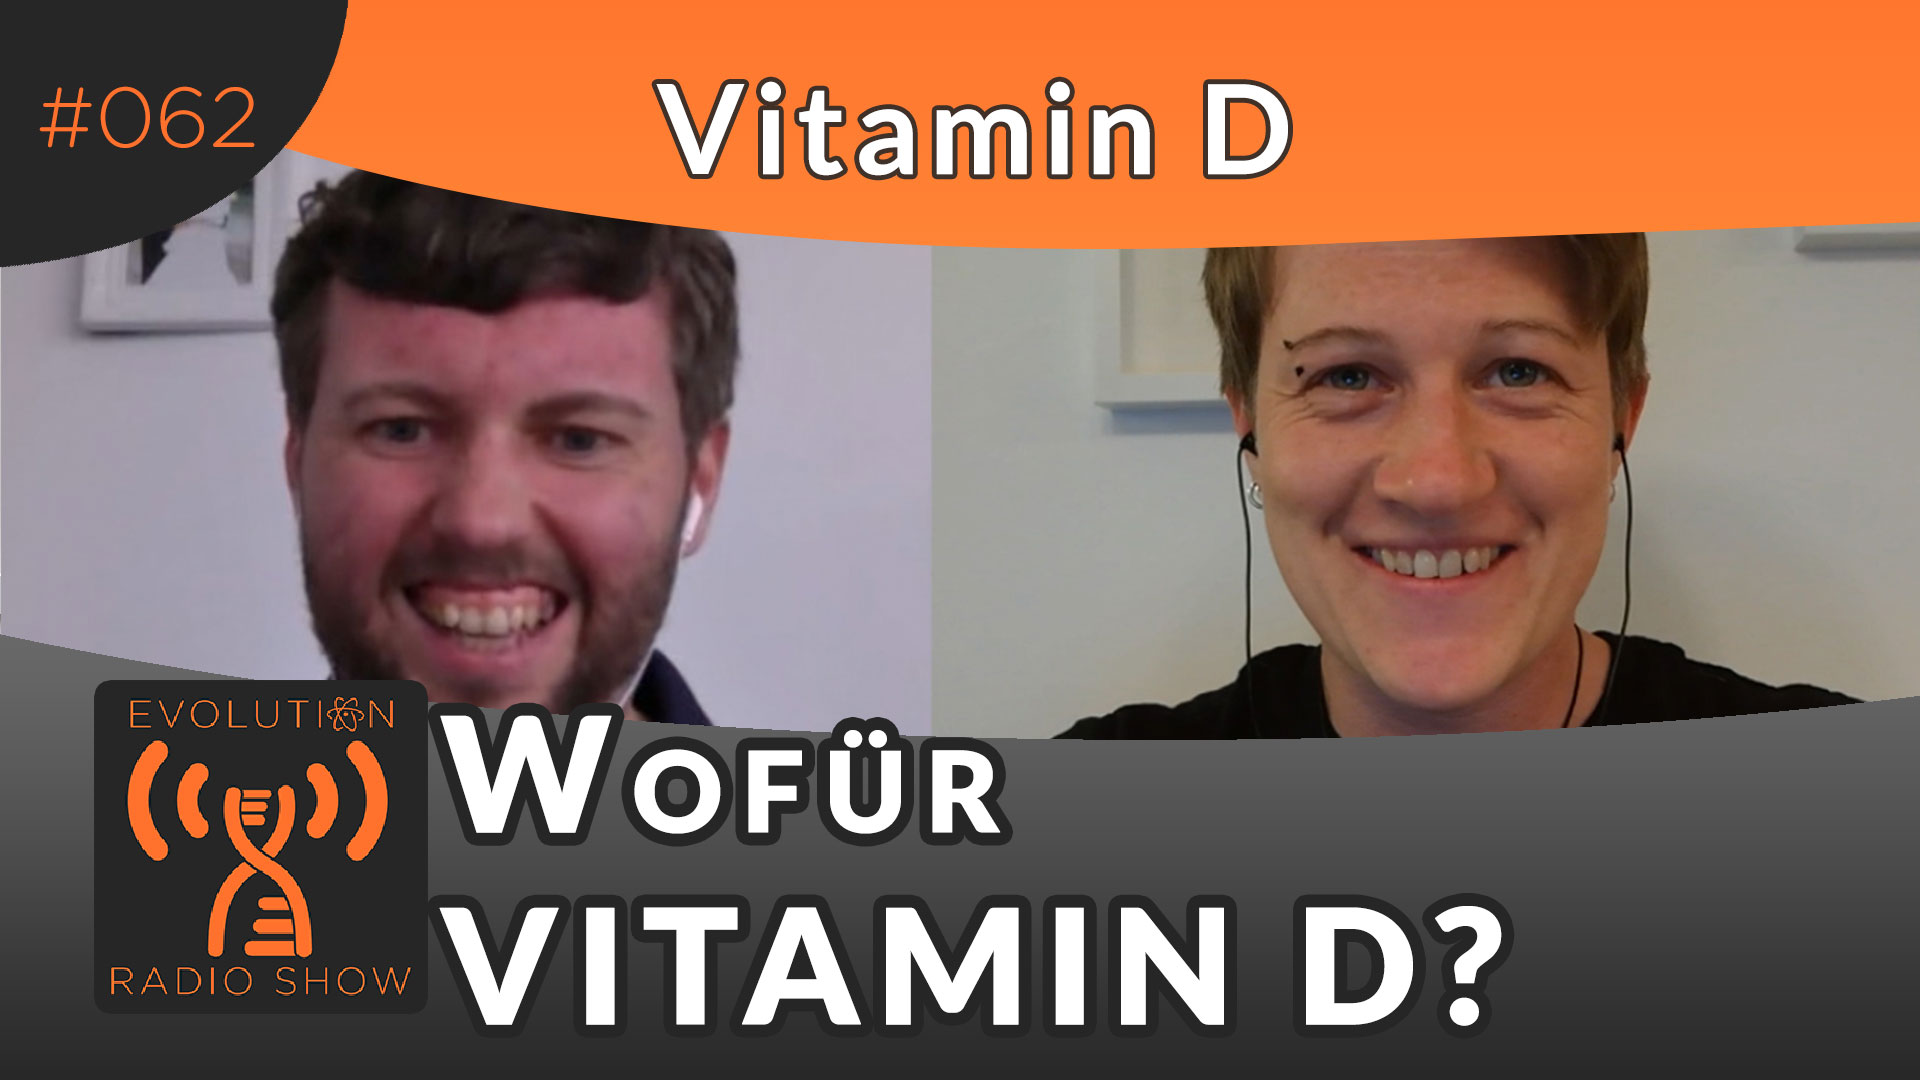 Evolution Radio Show Folge #062: Wofür brauchen wir Vitamin D?